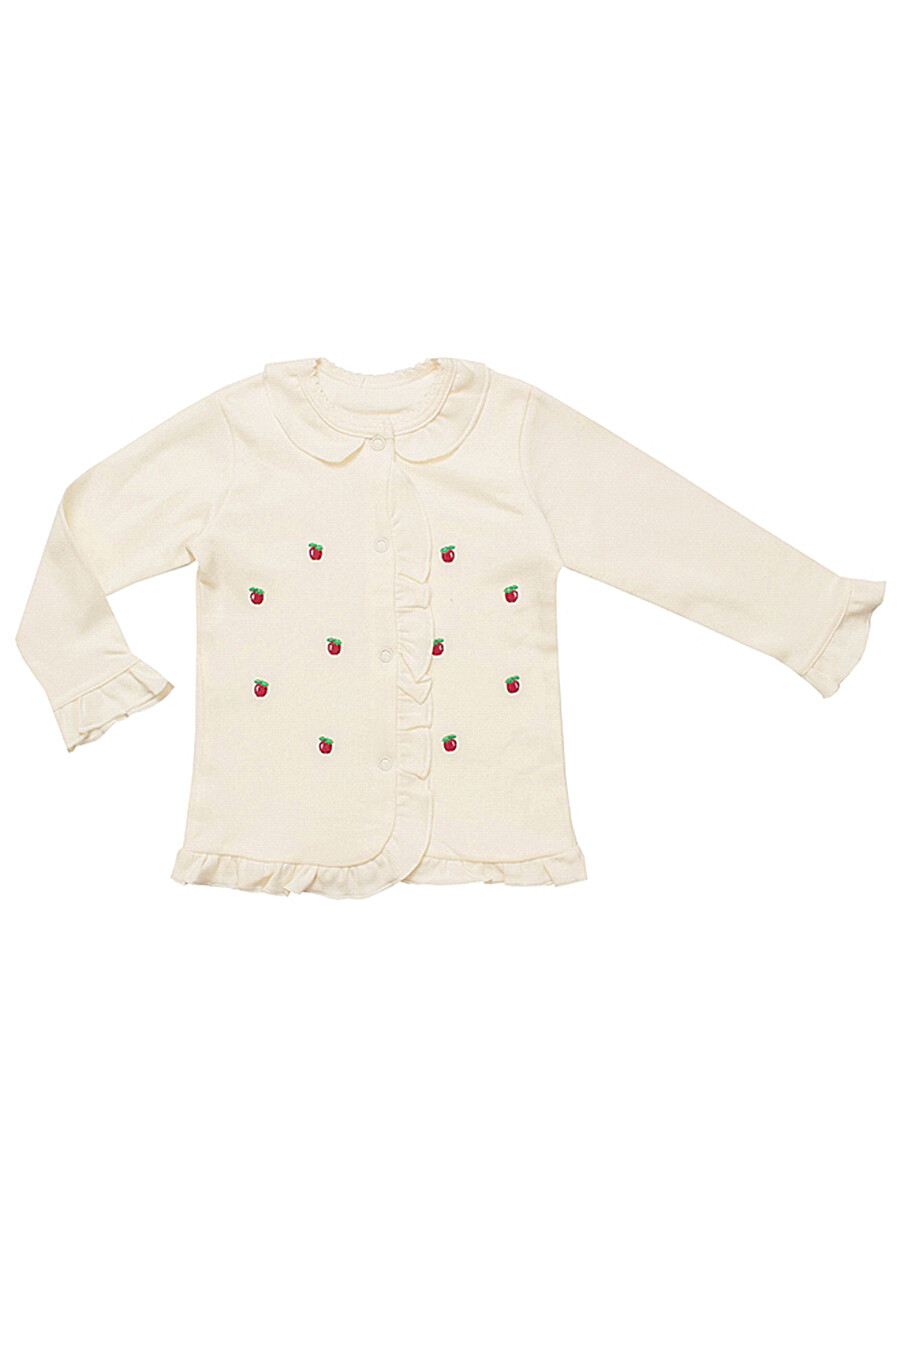 Кофточка для девочек АПРЕЛЬ 699916 купить оптом от производителя. Совместная покупка детской одежды в OptMoyo